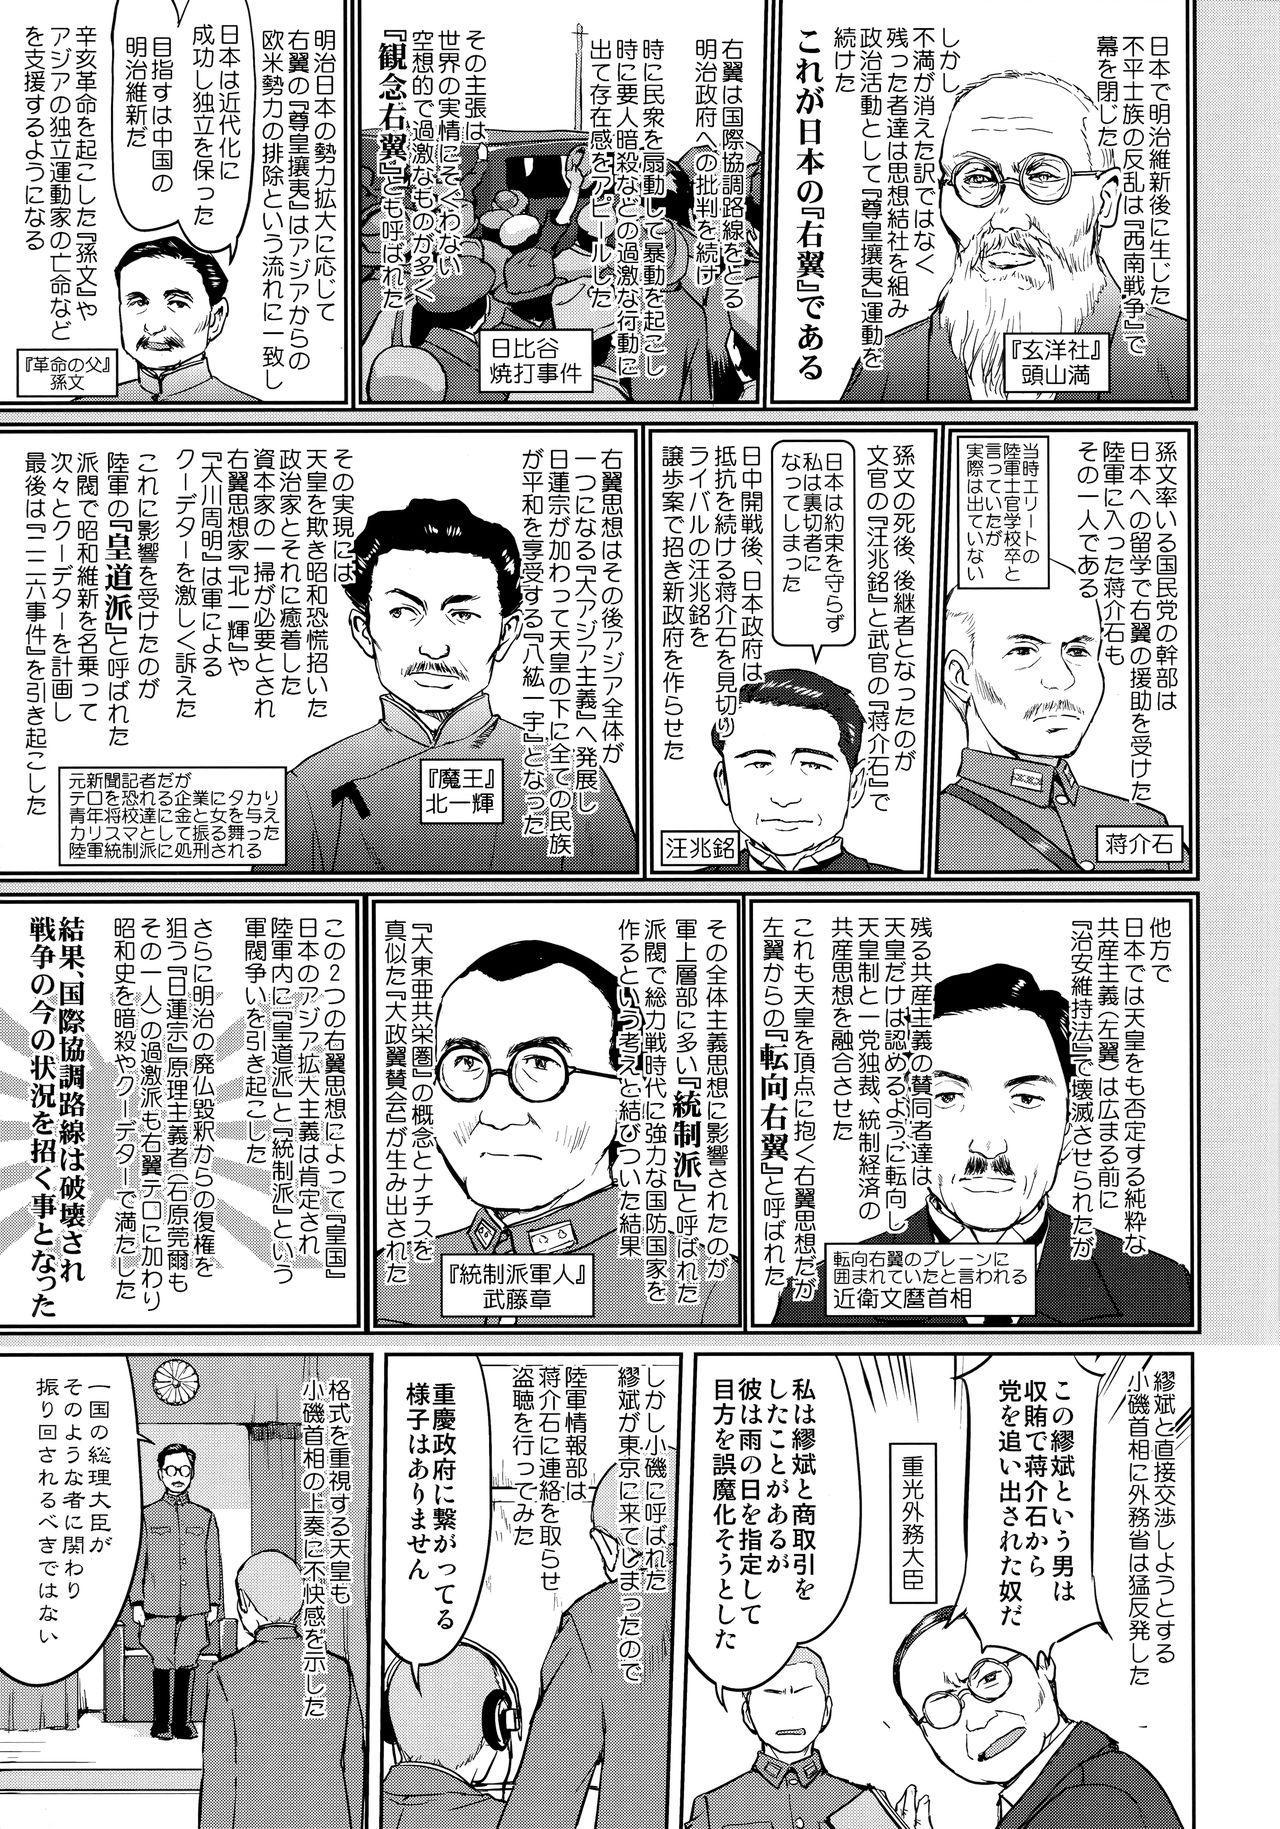 Teitoku no Ketsudan Kanmusu no Ichiban Nagai Hi 6